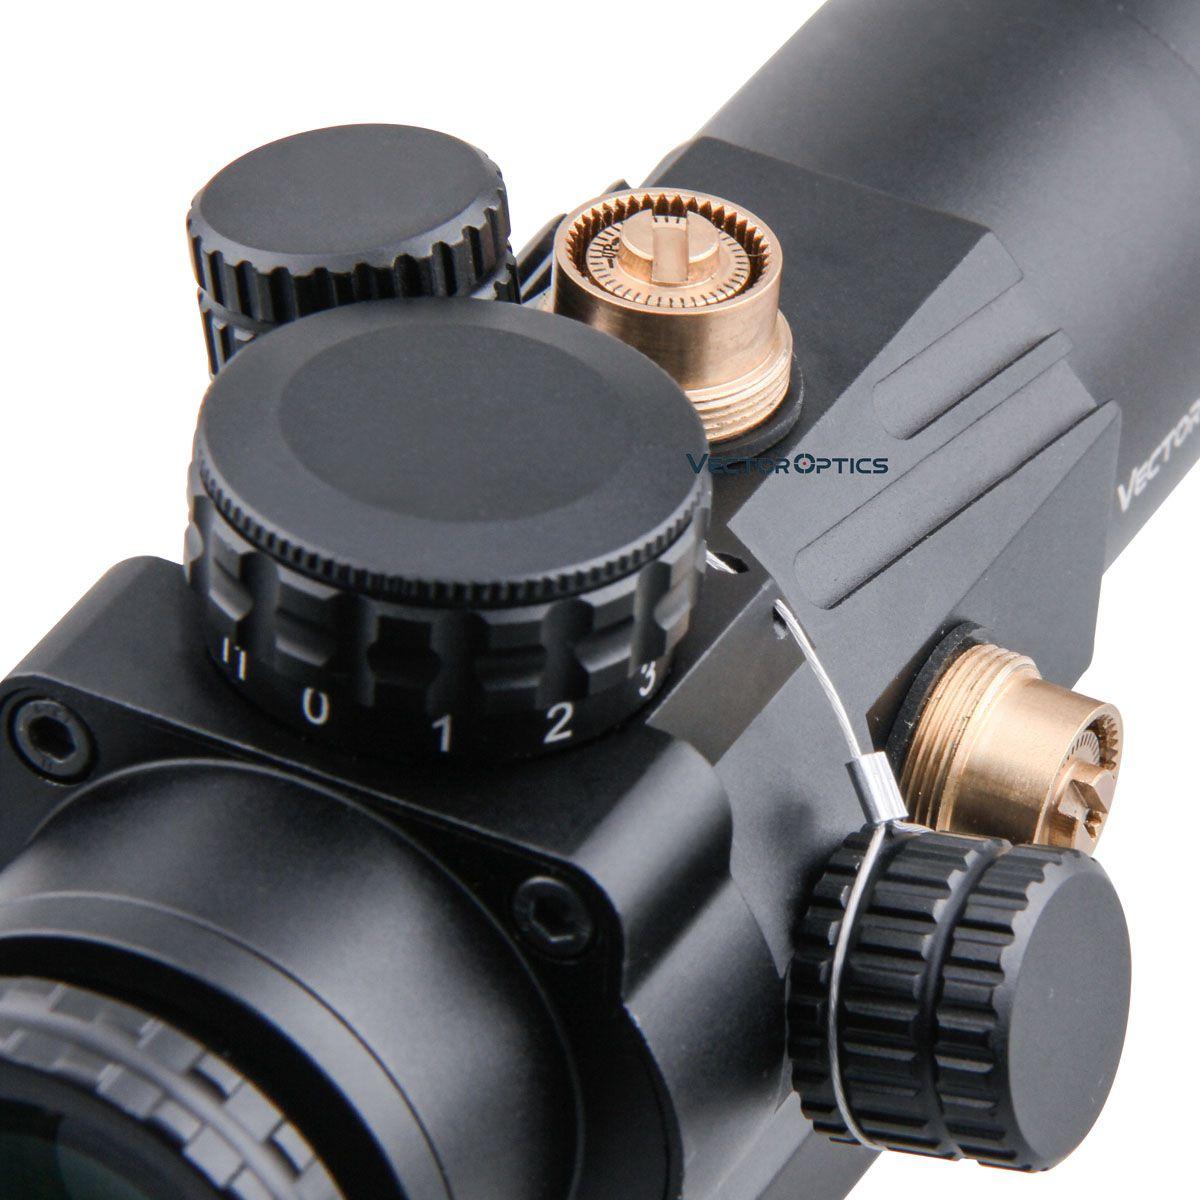 LUNETTE DE VISEE CALYPSO 3x32 - VECTOR OPTICS